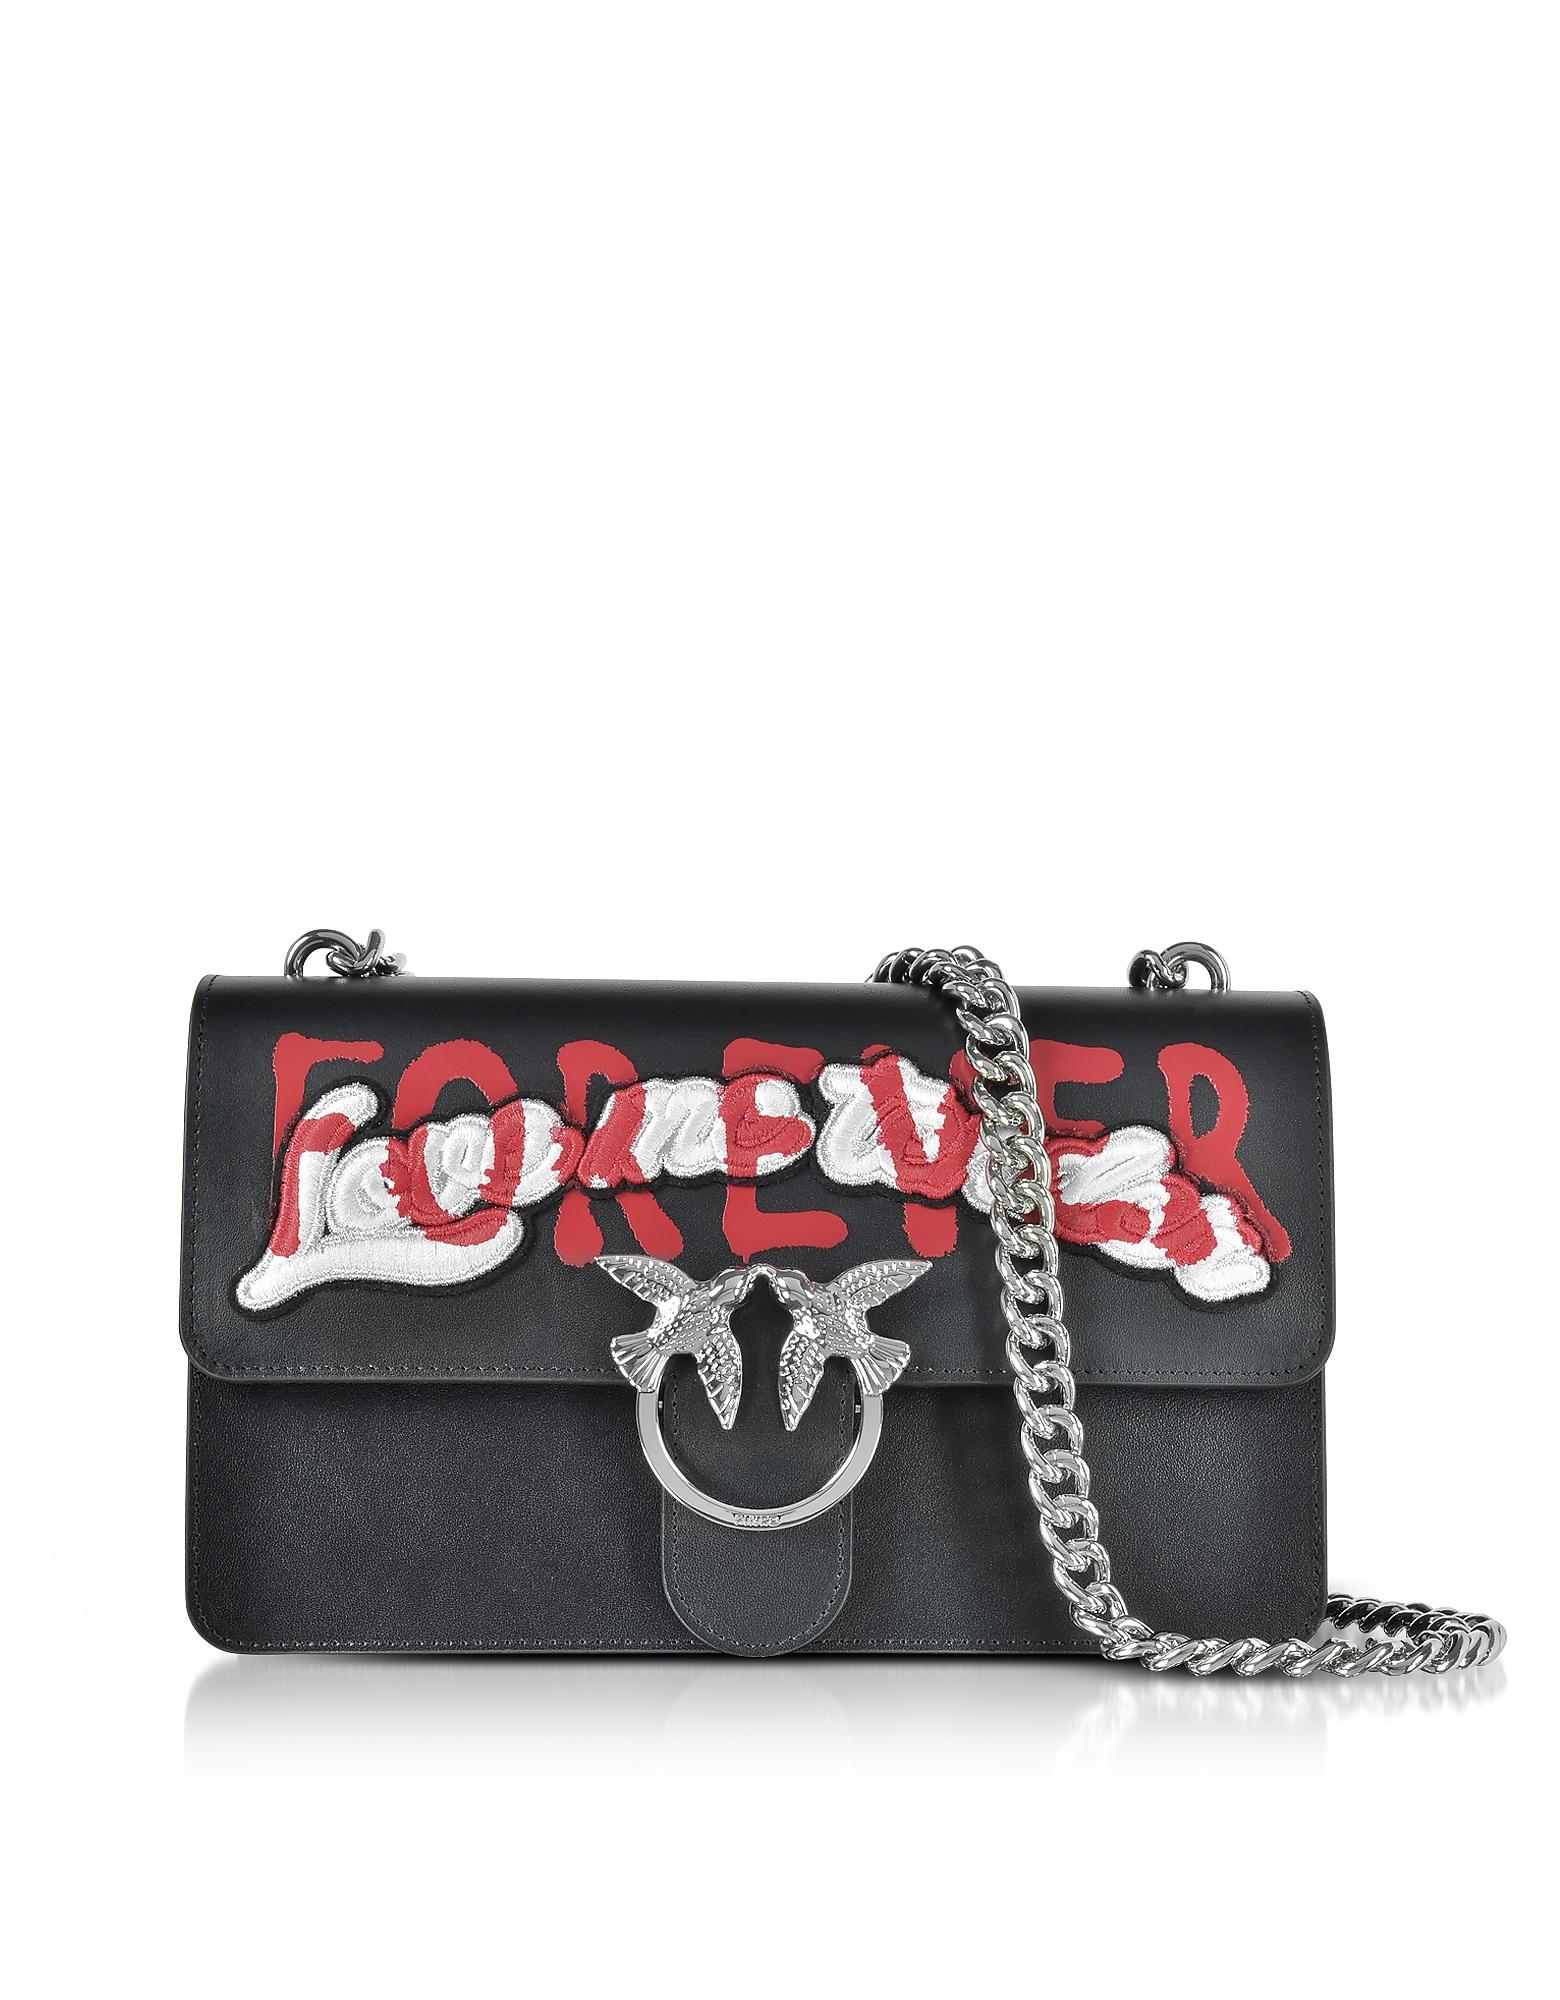 Pinko Handbags, Love Me Tender Forever Black Eco Leather Shoulder Bag